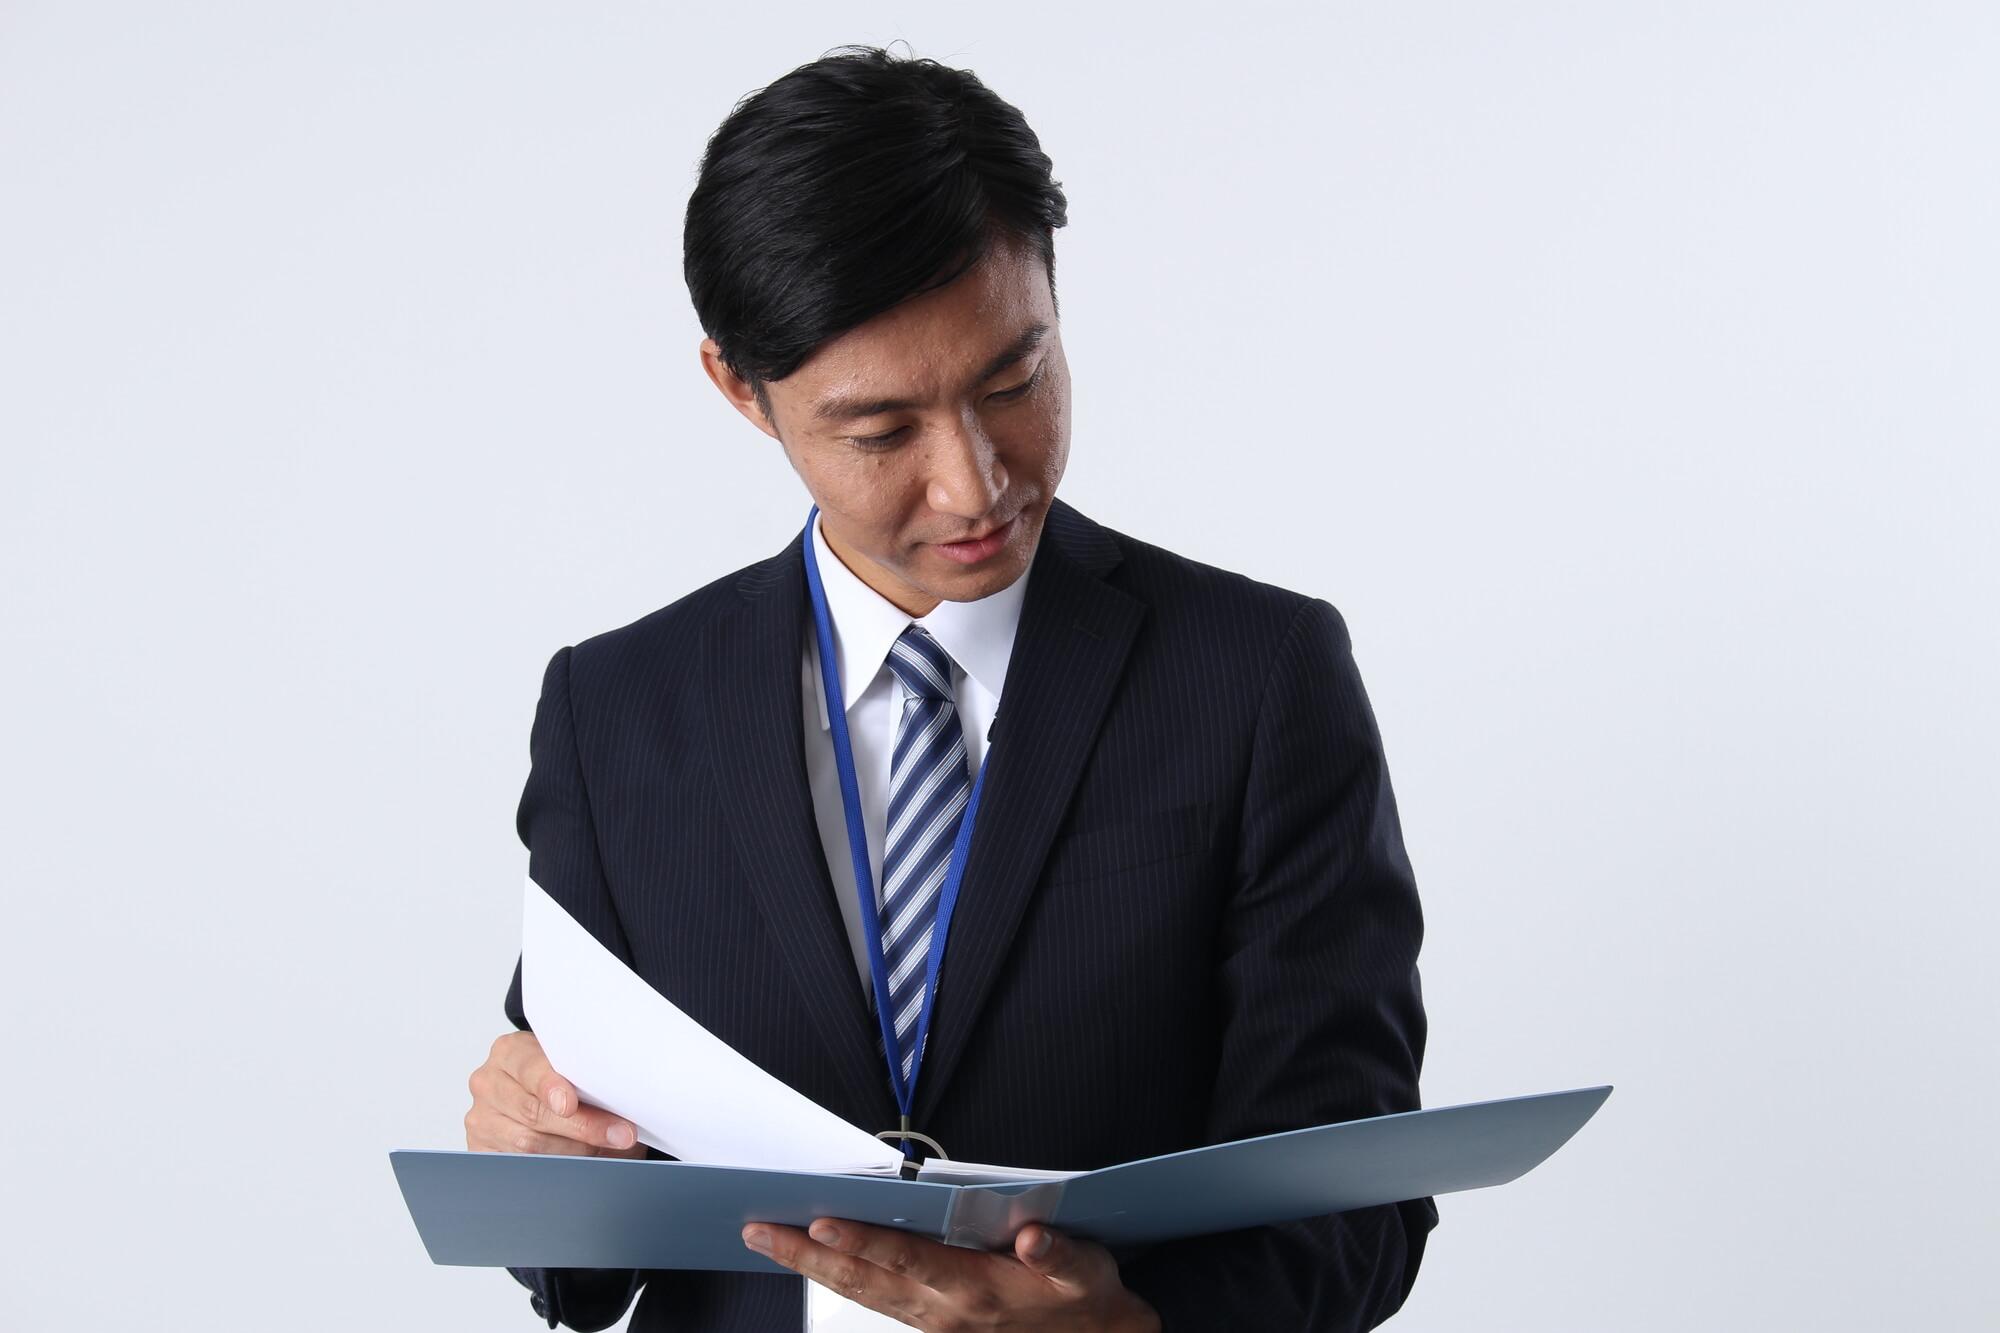 社労士の独立開業準備に必要な手続きと3つの効果的な集客方法